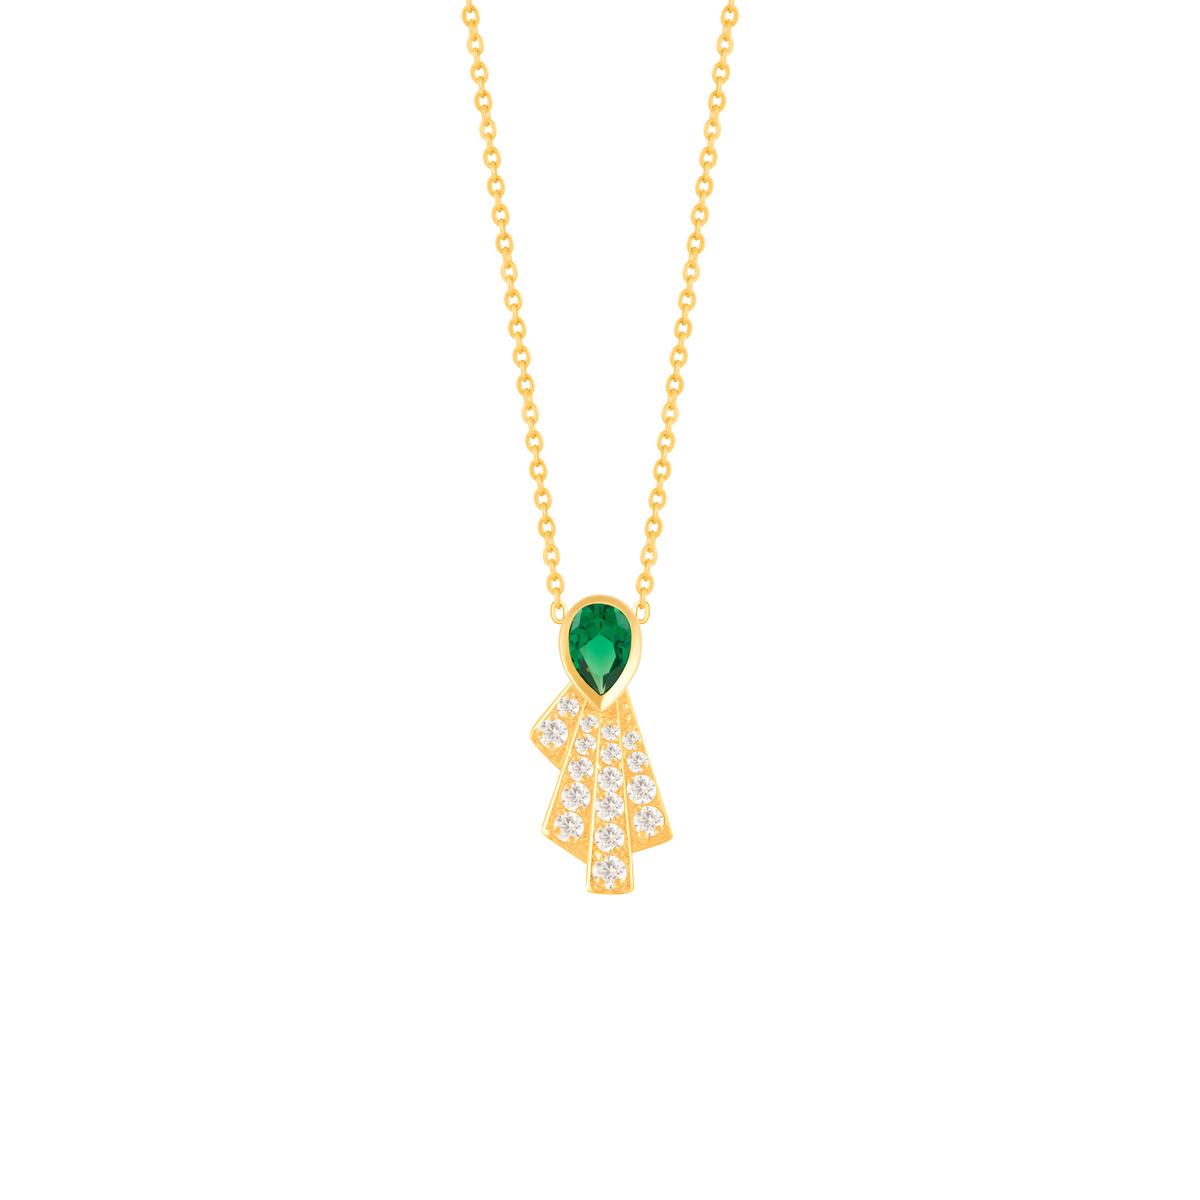 گردنبند طلا اشک سبز و چهار خط نگین دار